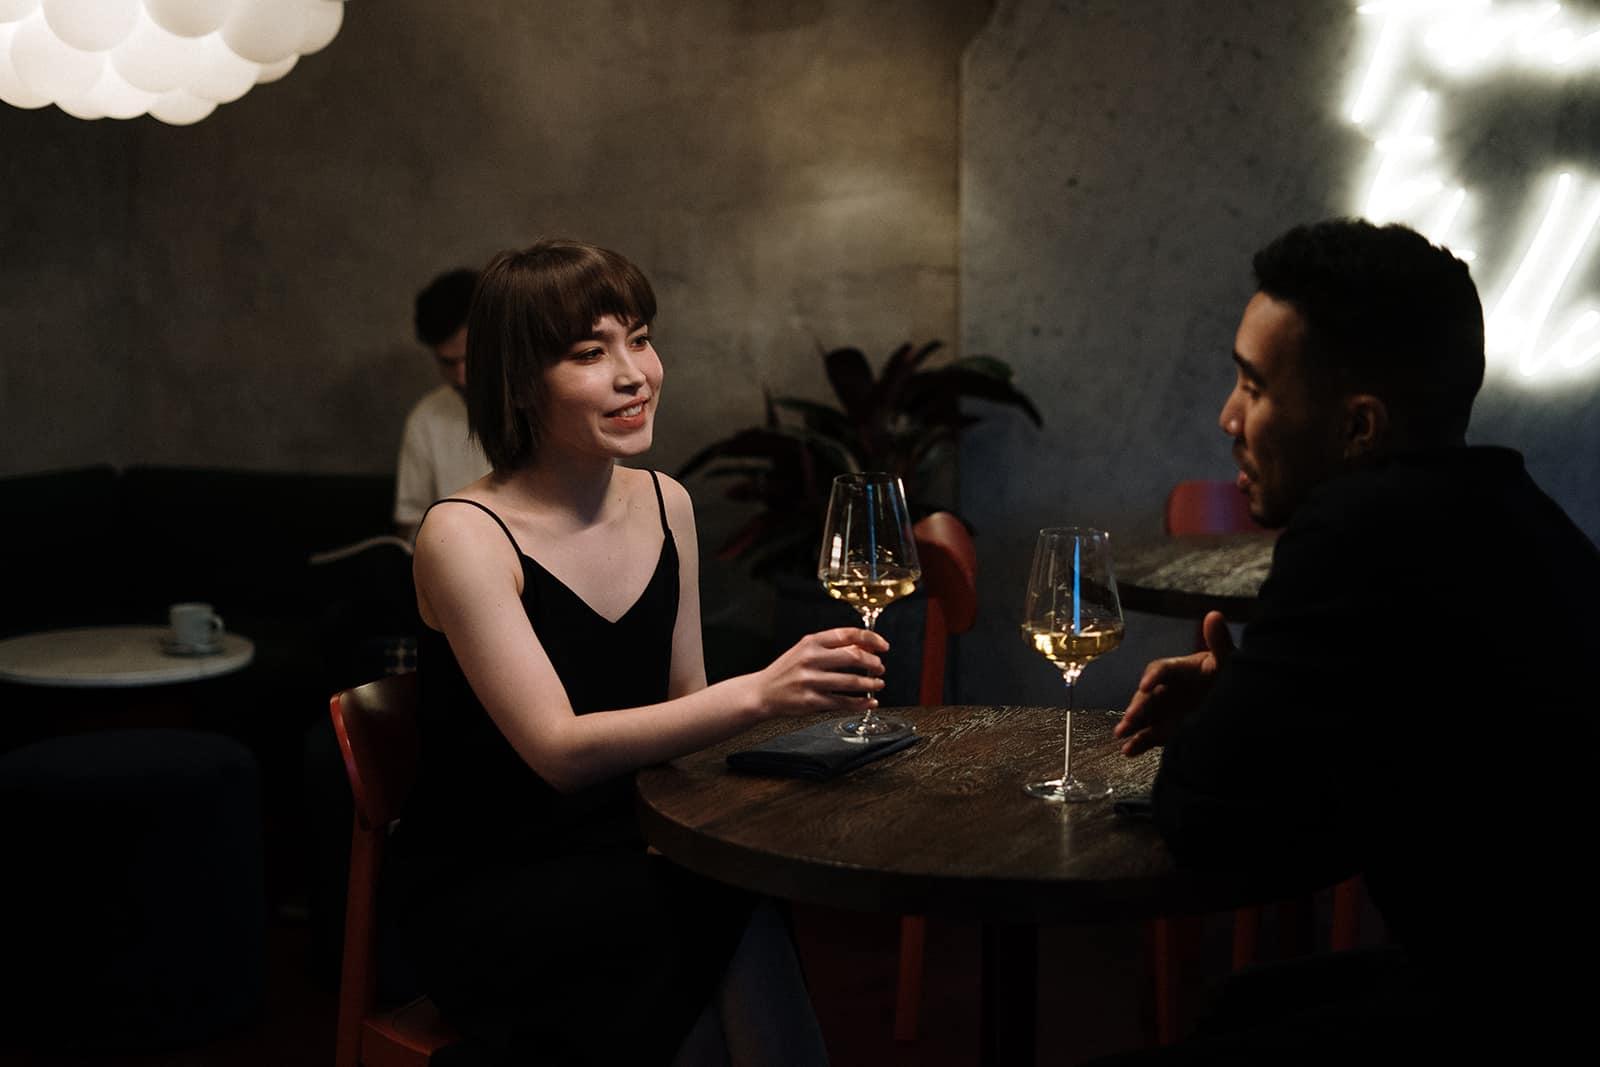 Ein Mann und eine Frau unterhalten sich und trinken Wein bei einem Date in einem Restaurant